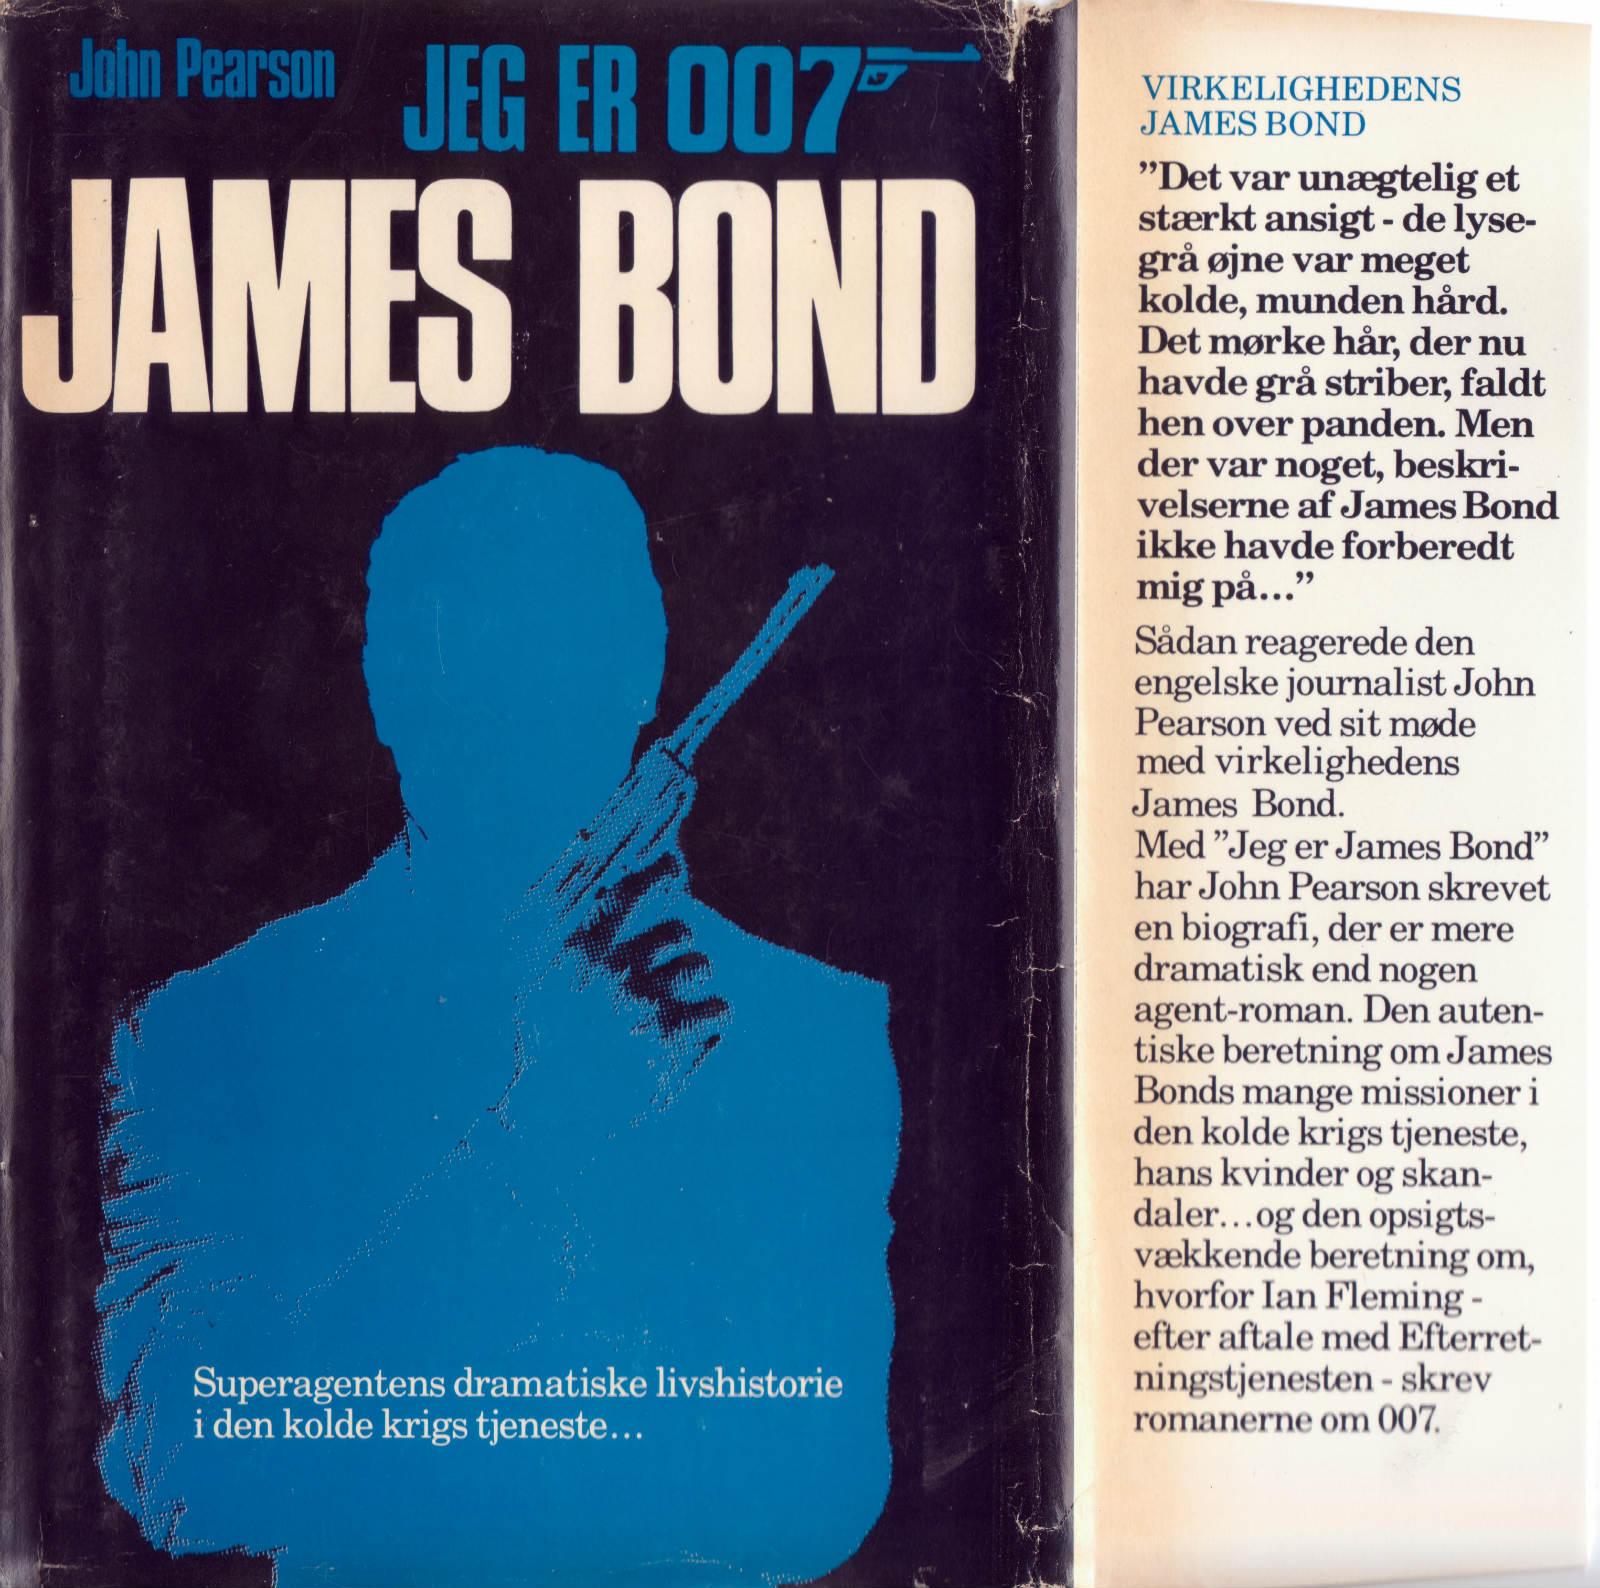 Jeg er 007 James Bond højre flap